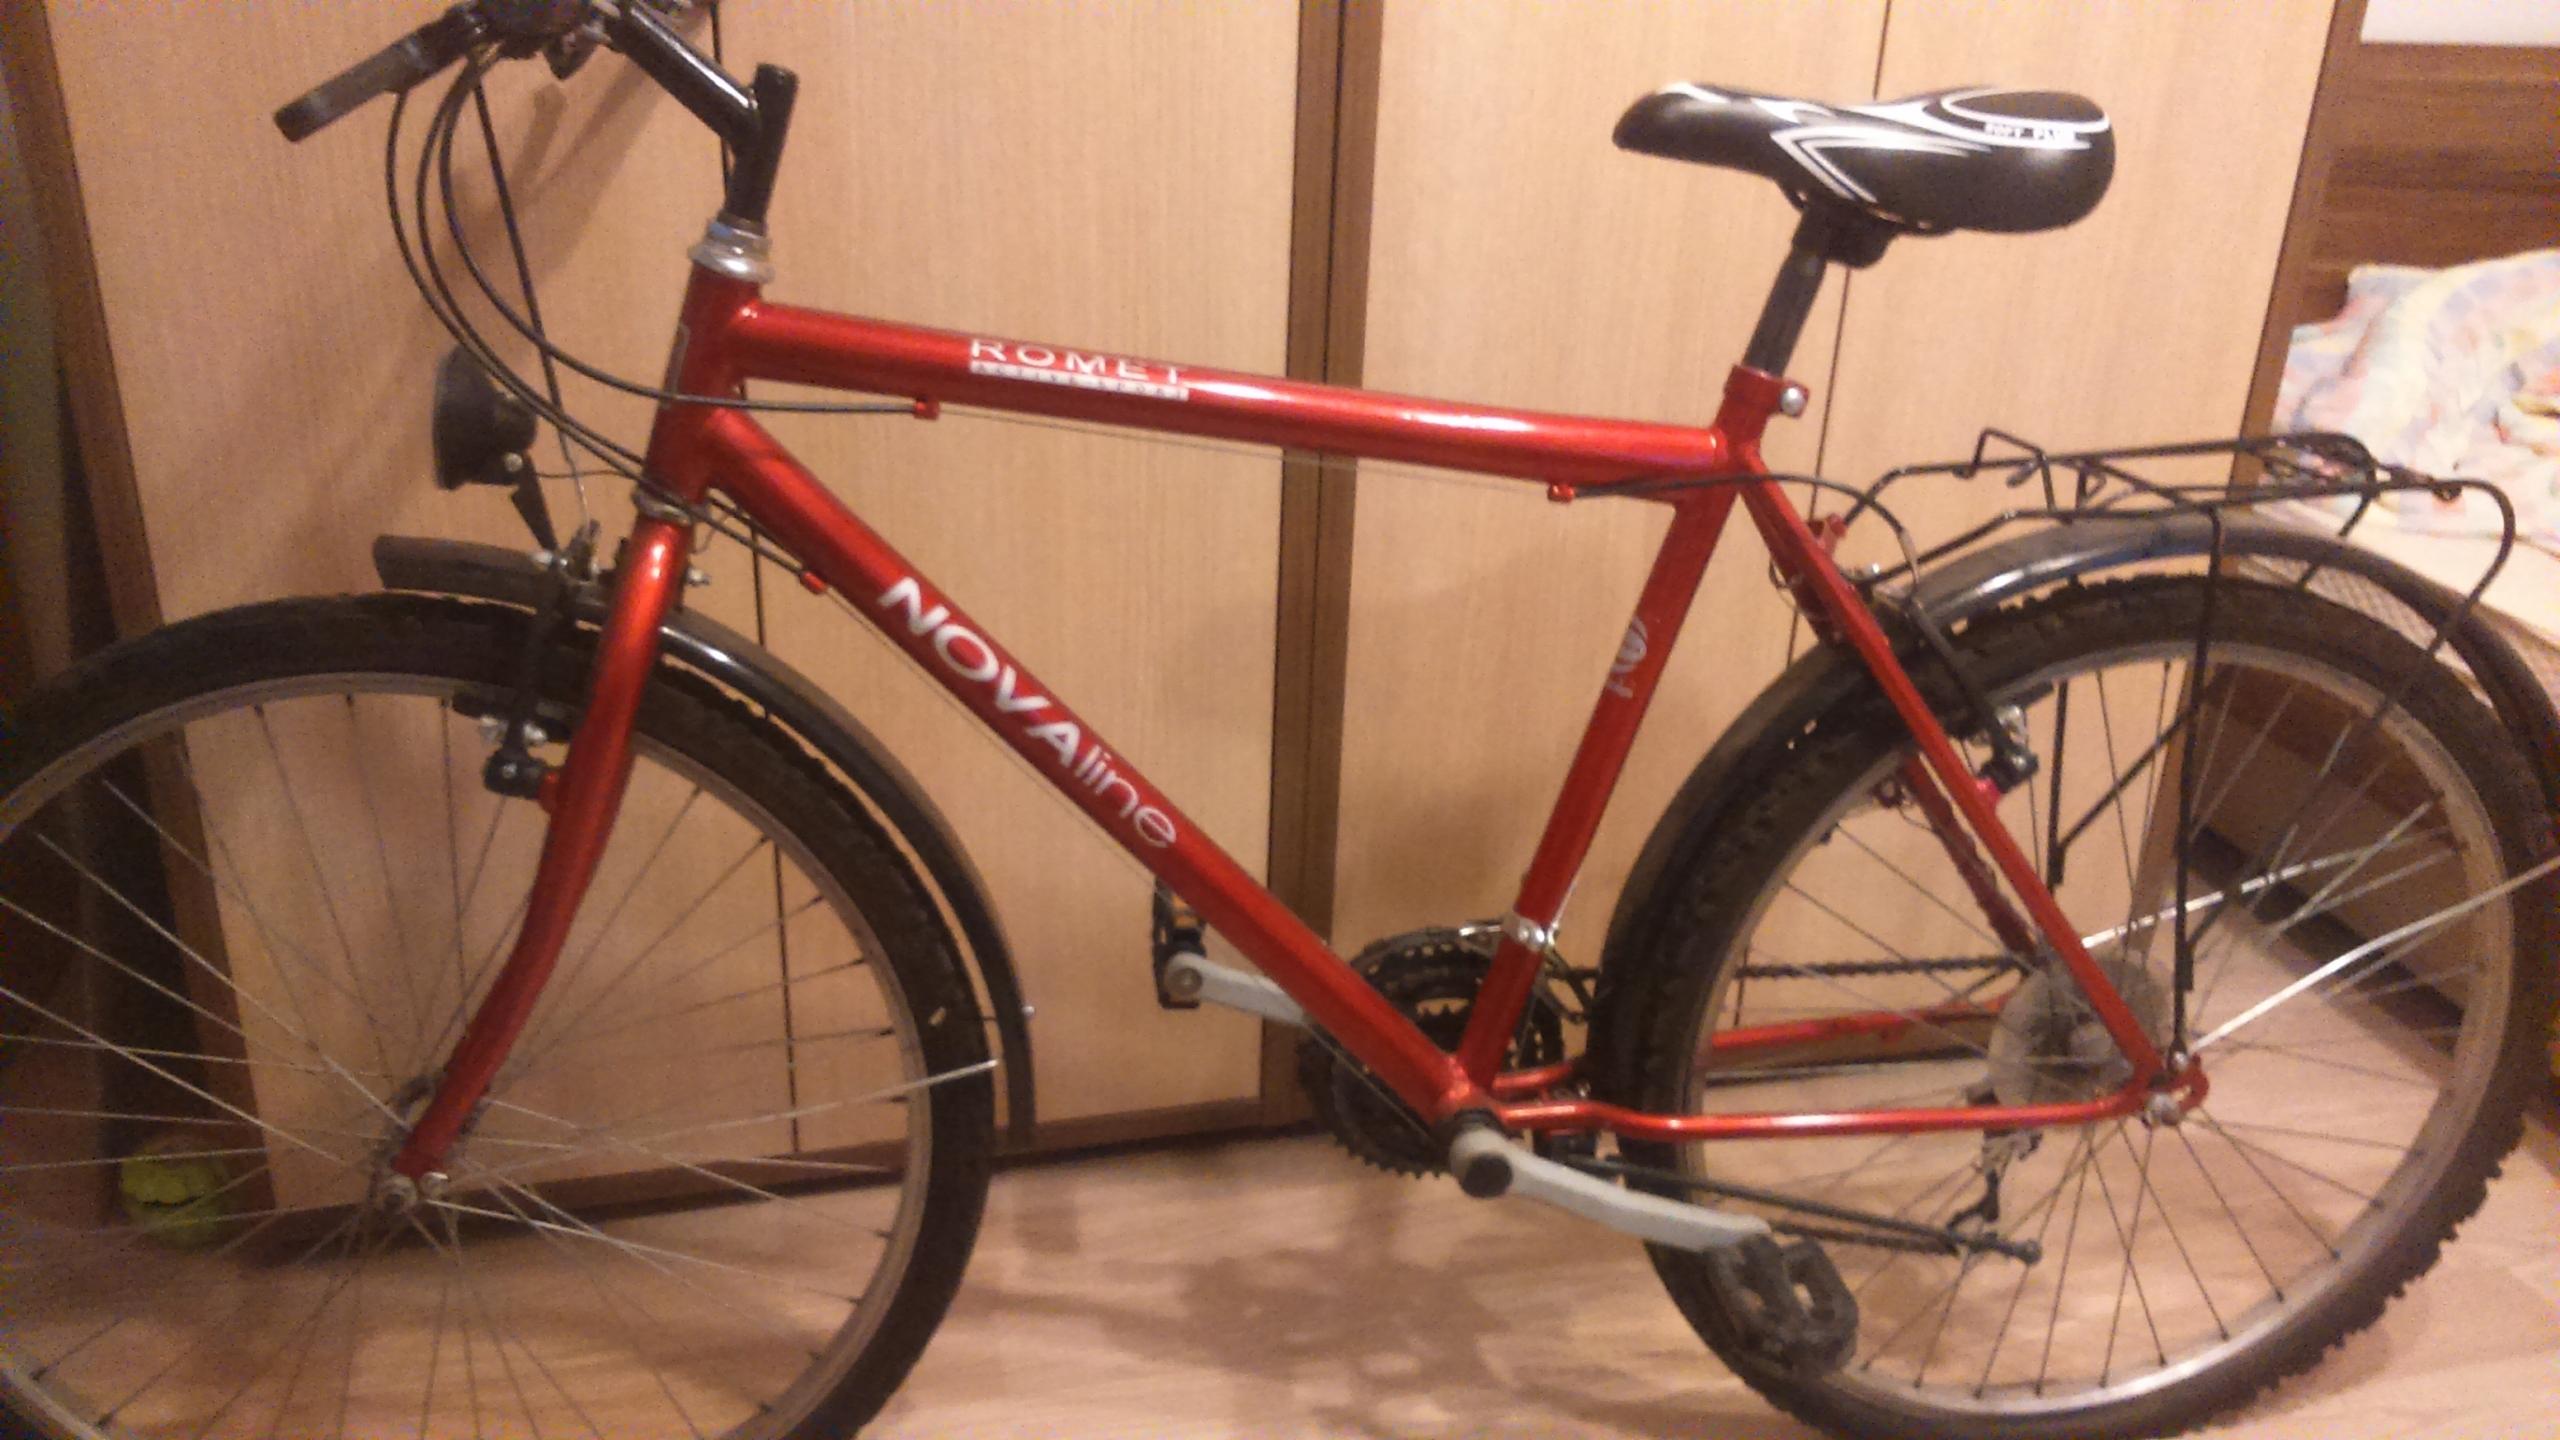 Rower Romet - jak nowy !!!